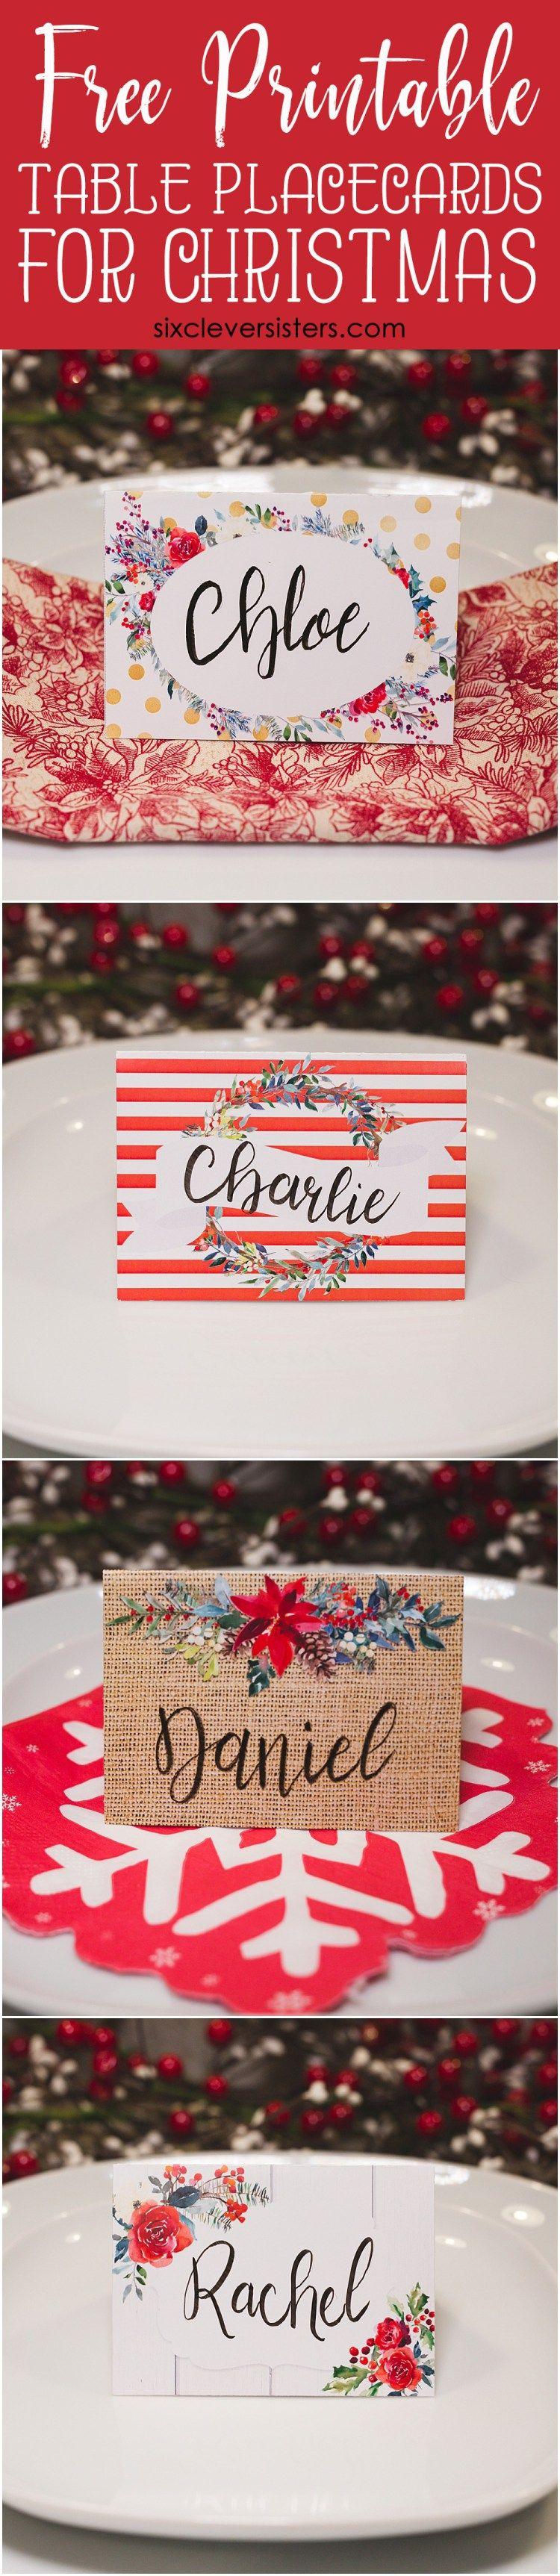 Christmas Table Place Cards | Christmas Name Place Cards | Christmas - Christmas Table Name Cards Free Printable